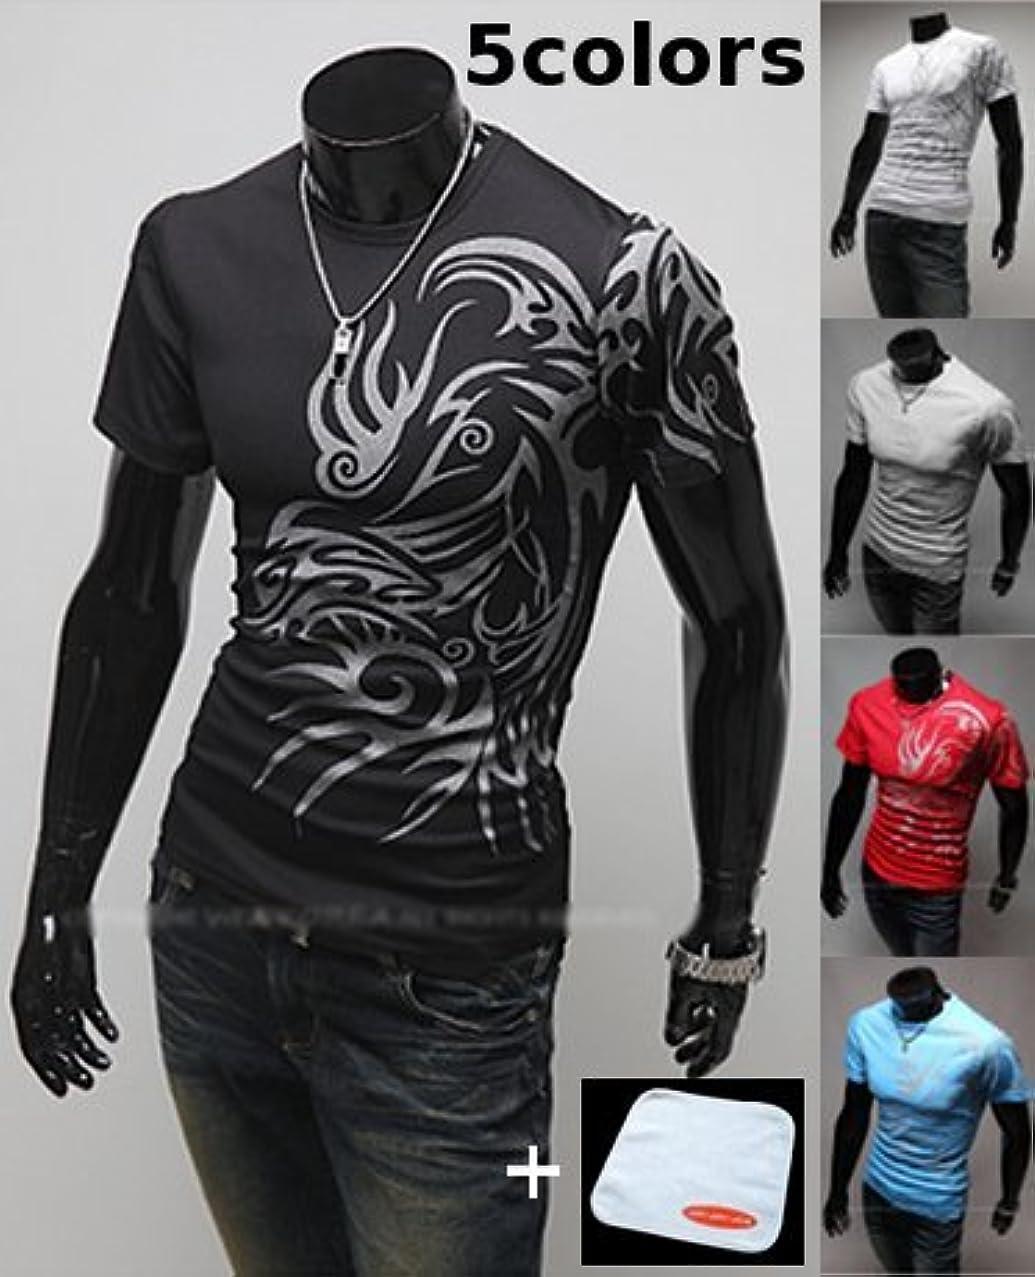 規制する飽和する盆(JOY JOY JOIN) ドラゴン プリント ちょいワル ファッション 半袖 Tシャツ カットソー おしゃれ ワイルド デザイン メンズ (5色選択 ブラック グレー ホワイト レッド ブルー) JOY JOY JOIN...